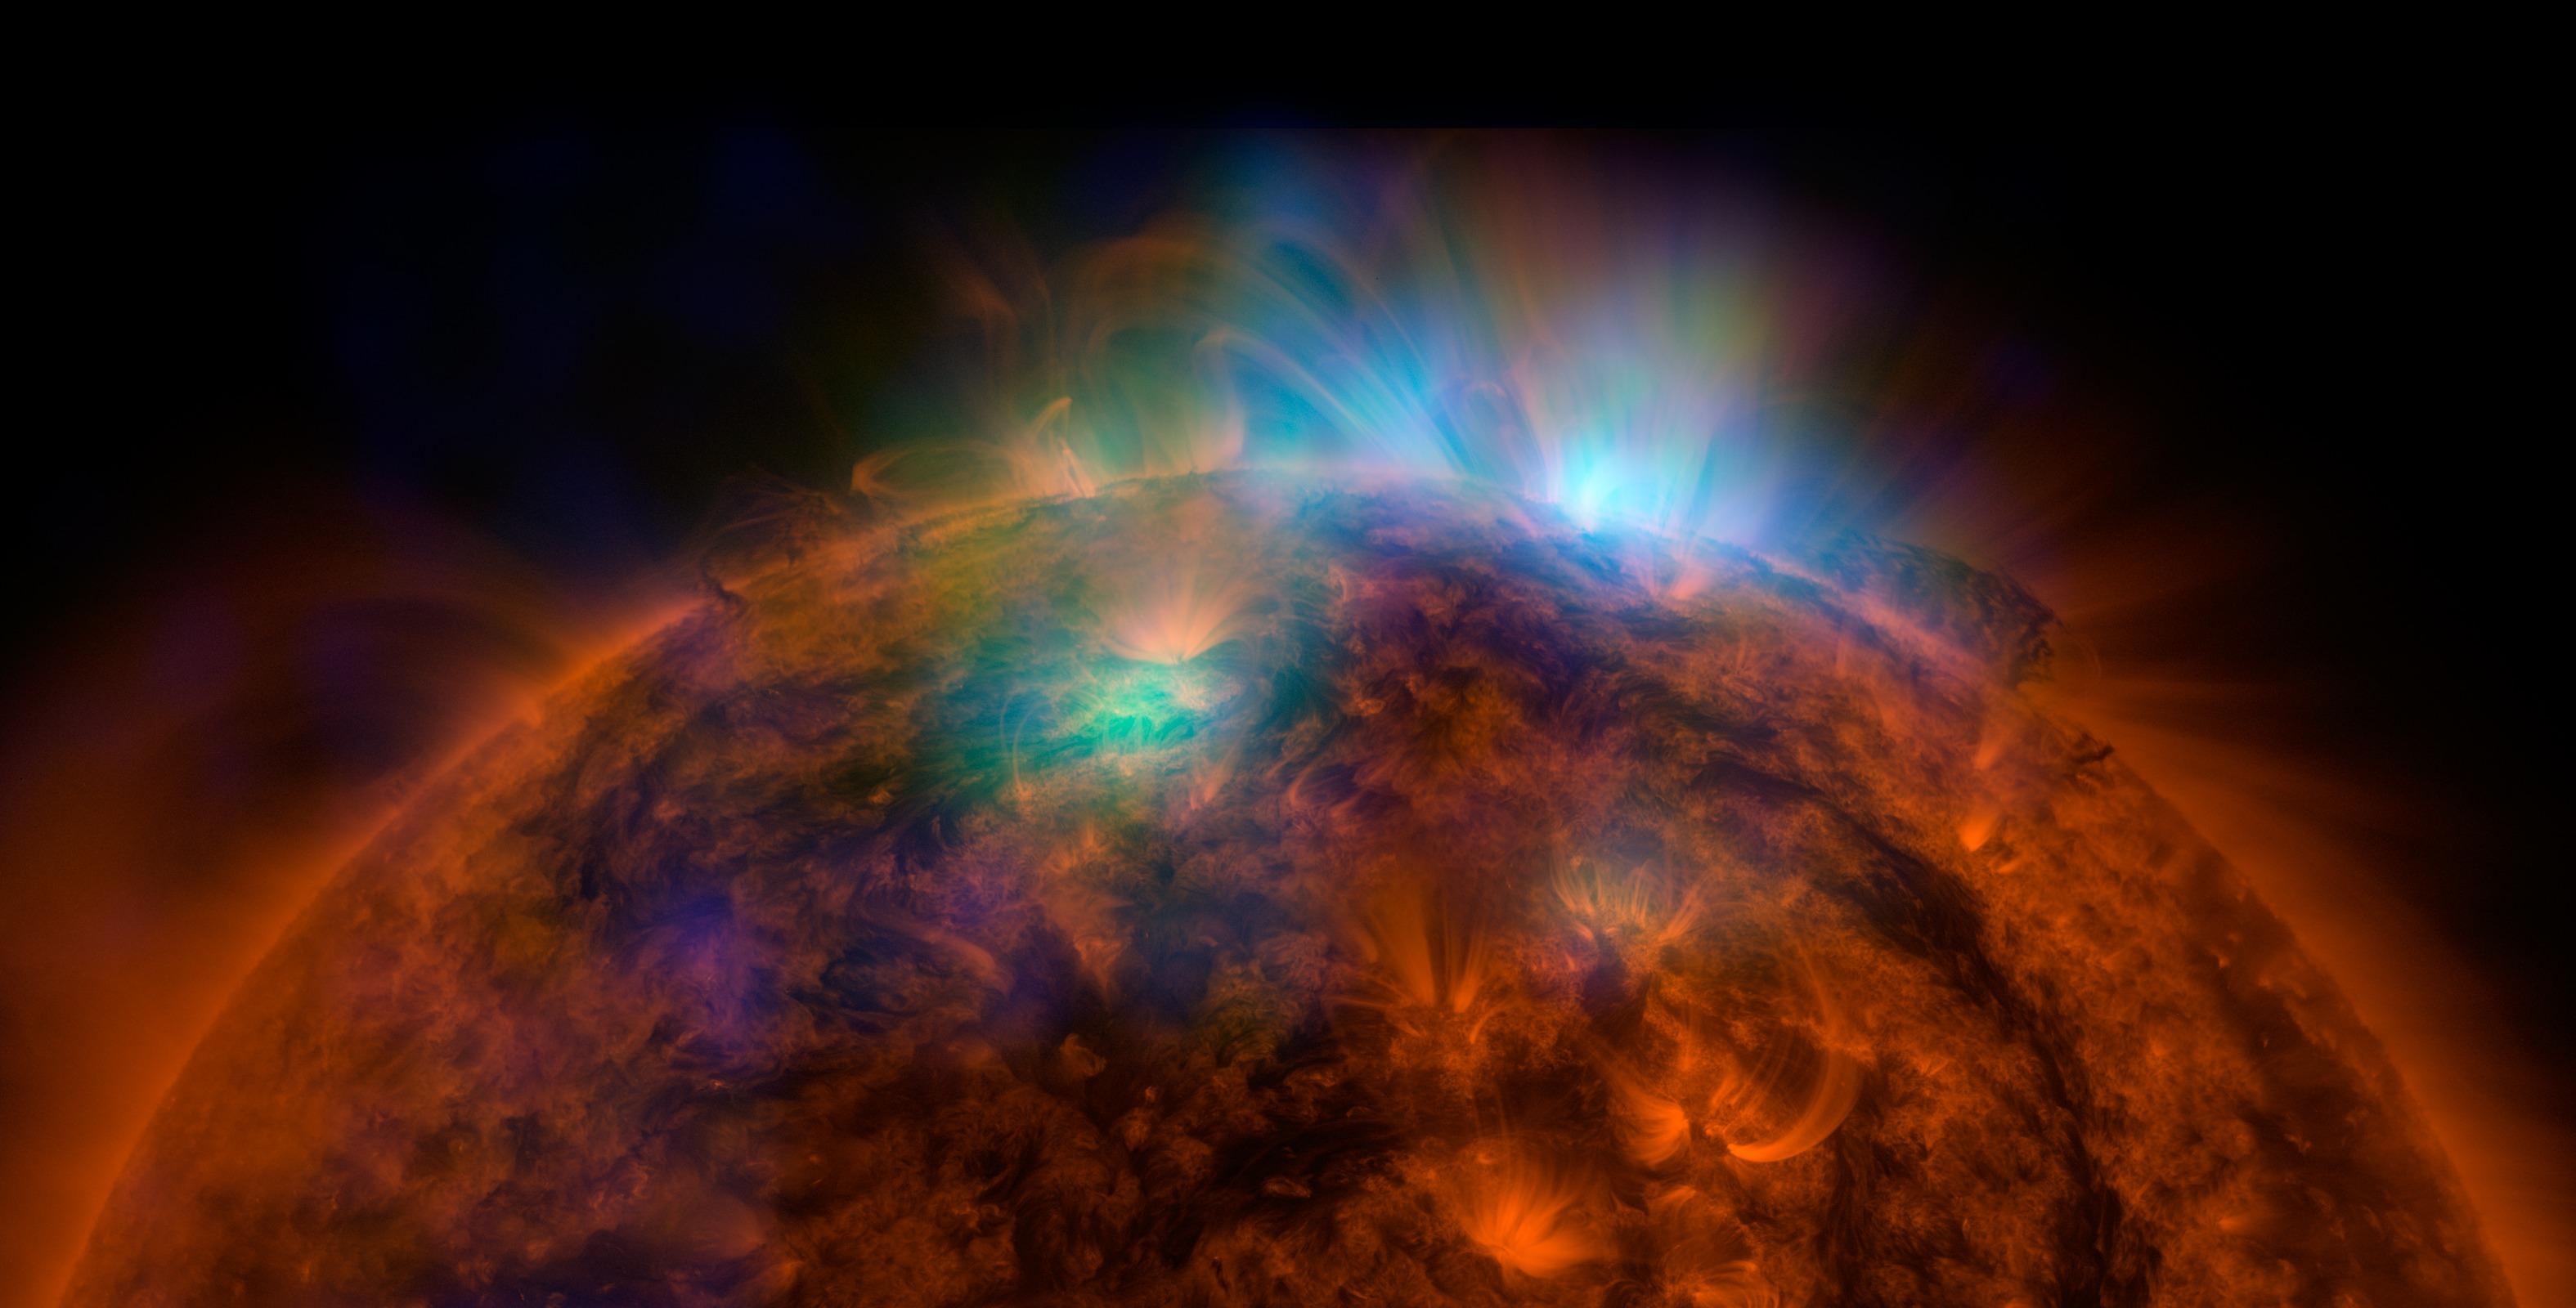 Güneş'in SDO ve NuSTAR görseli